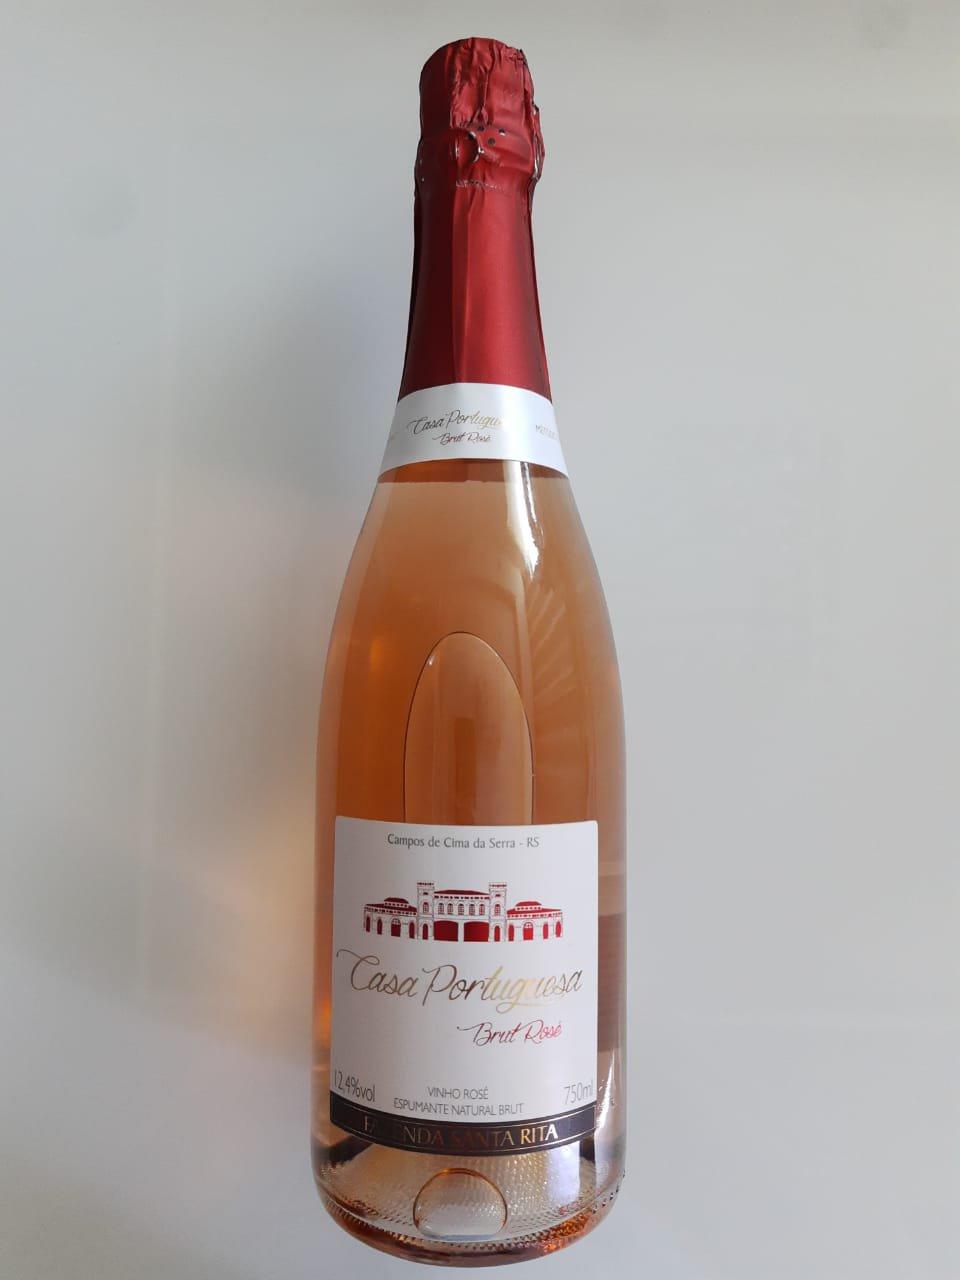 Vinho Casa Portuguesa Brut Rosé 750ml